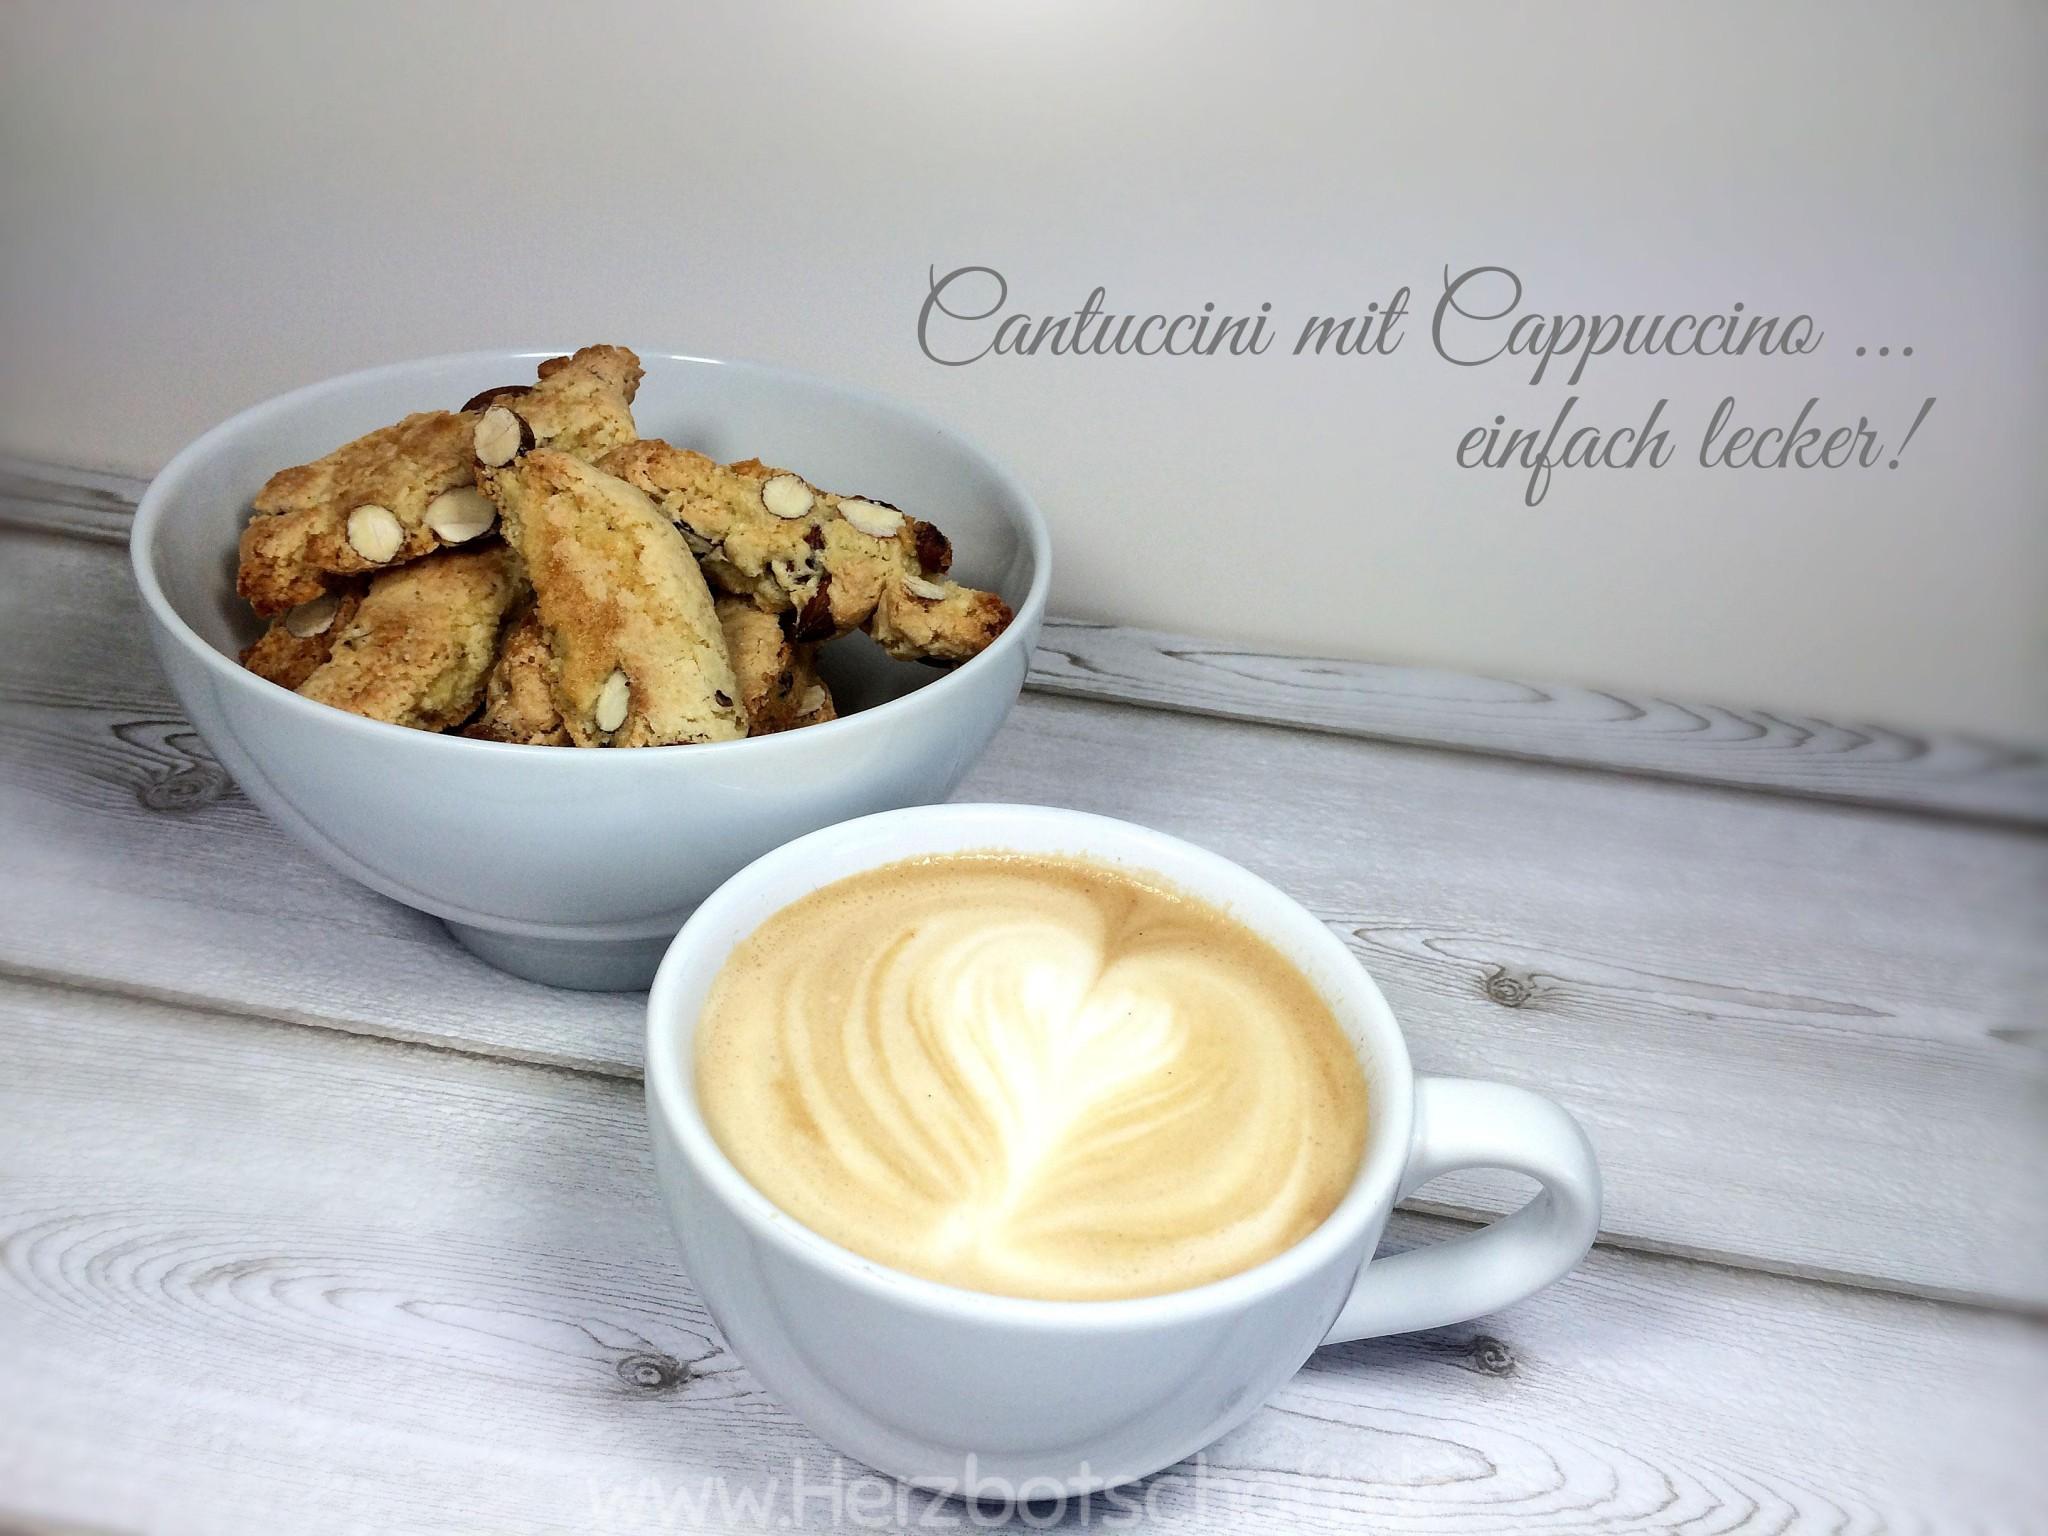 Cantuccini - die leckersten italienischen Kekse für die Kaffeetafel